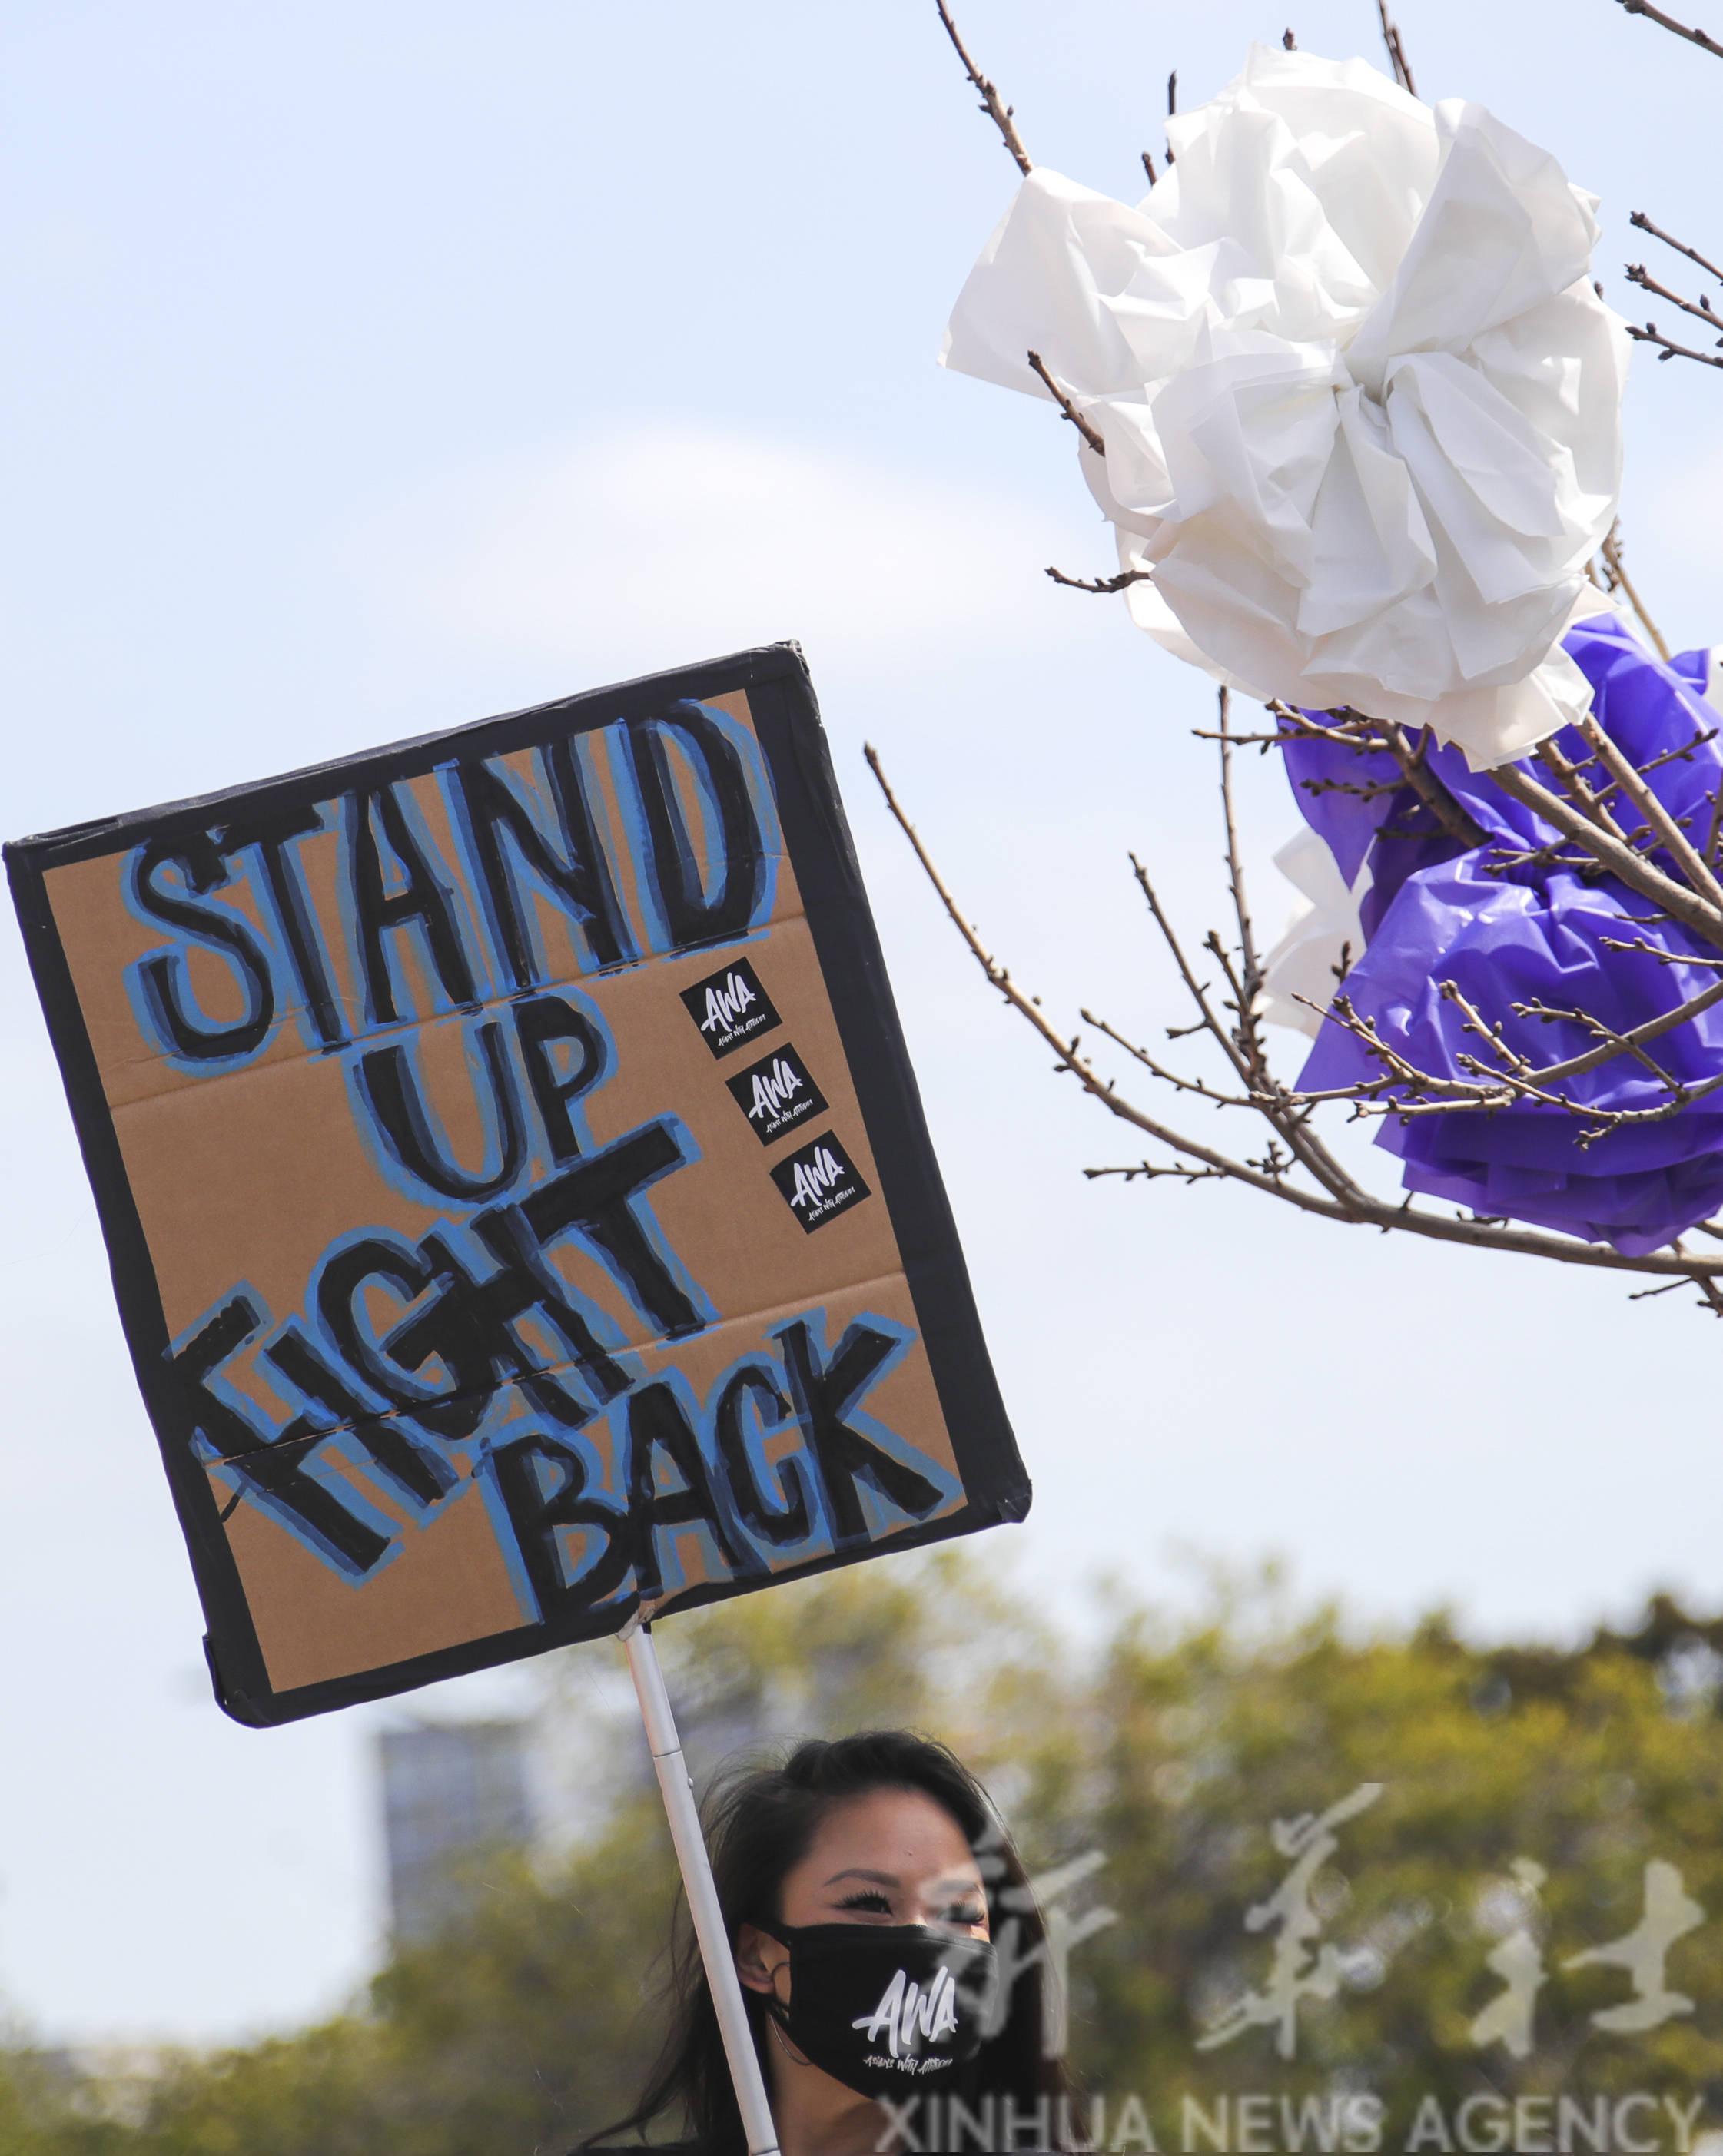 美国加州奥克兰民众集会抗议针对亚裔的歧视行为和仇恨犯罪